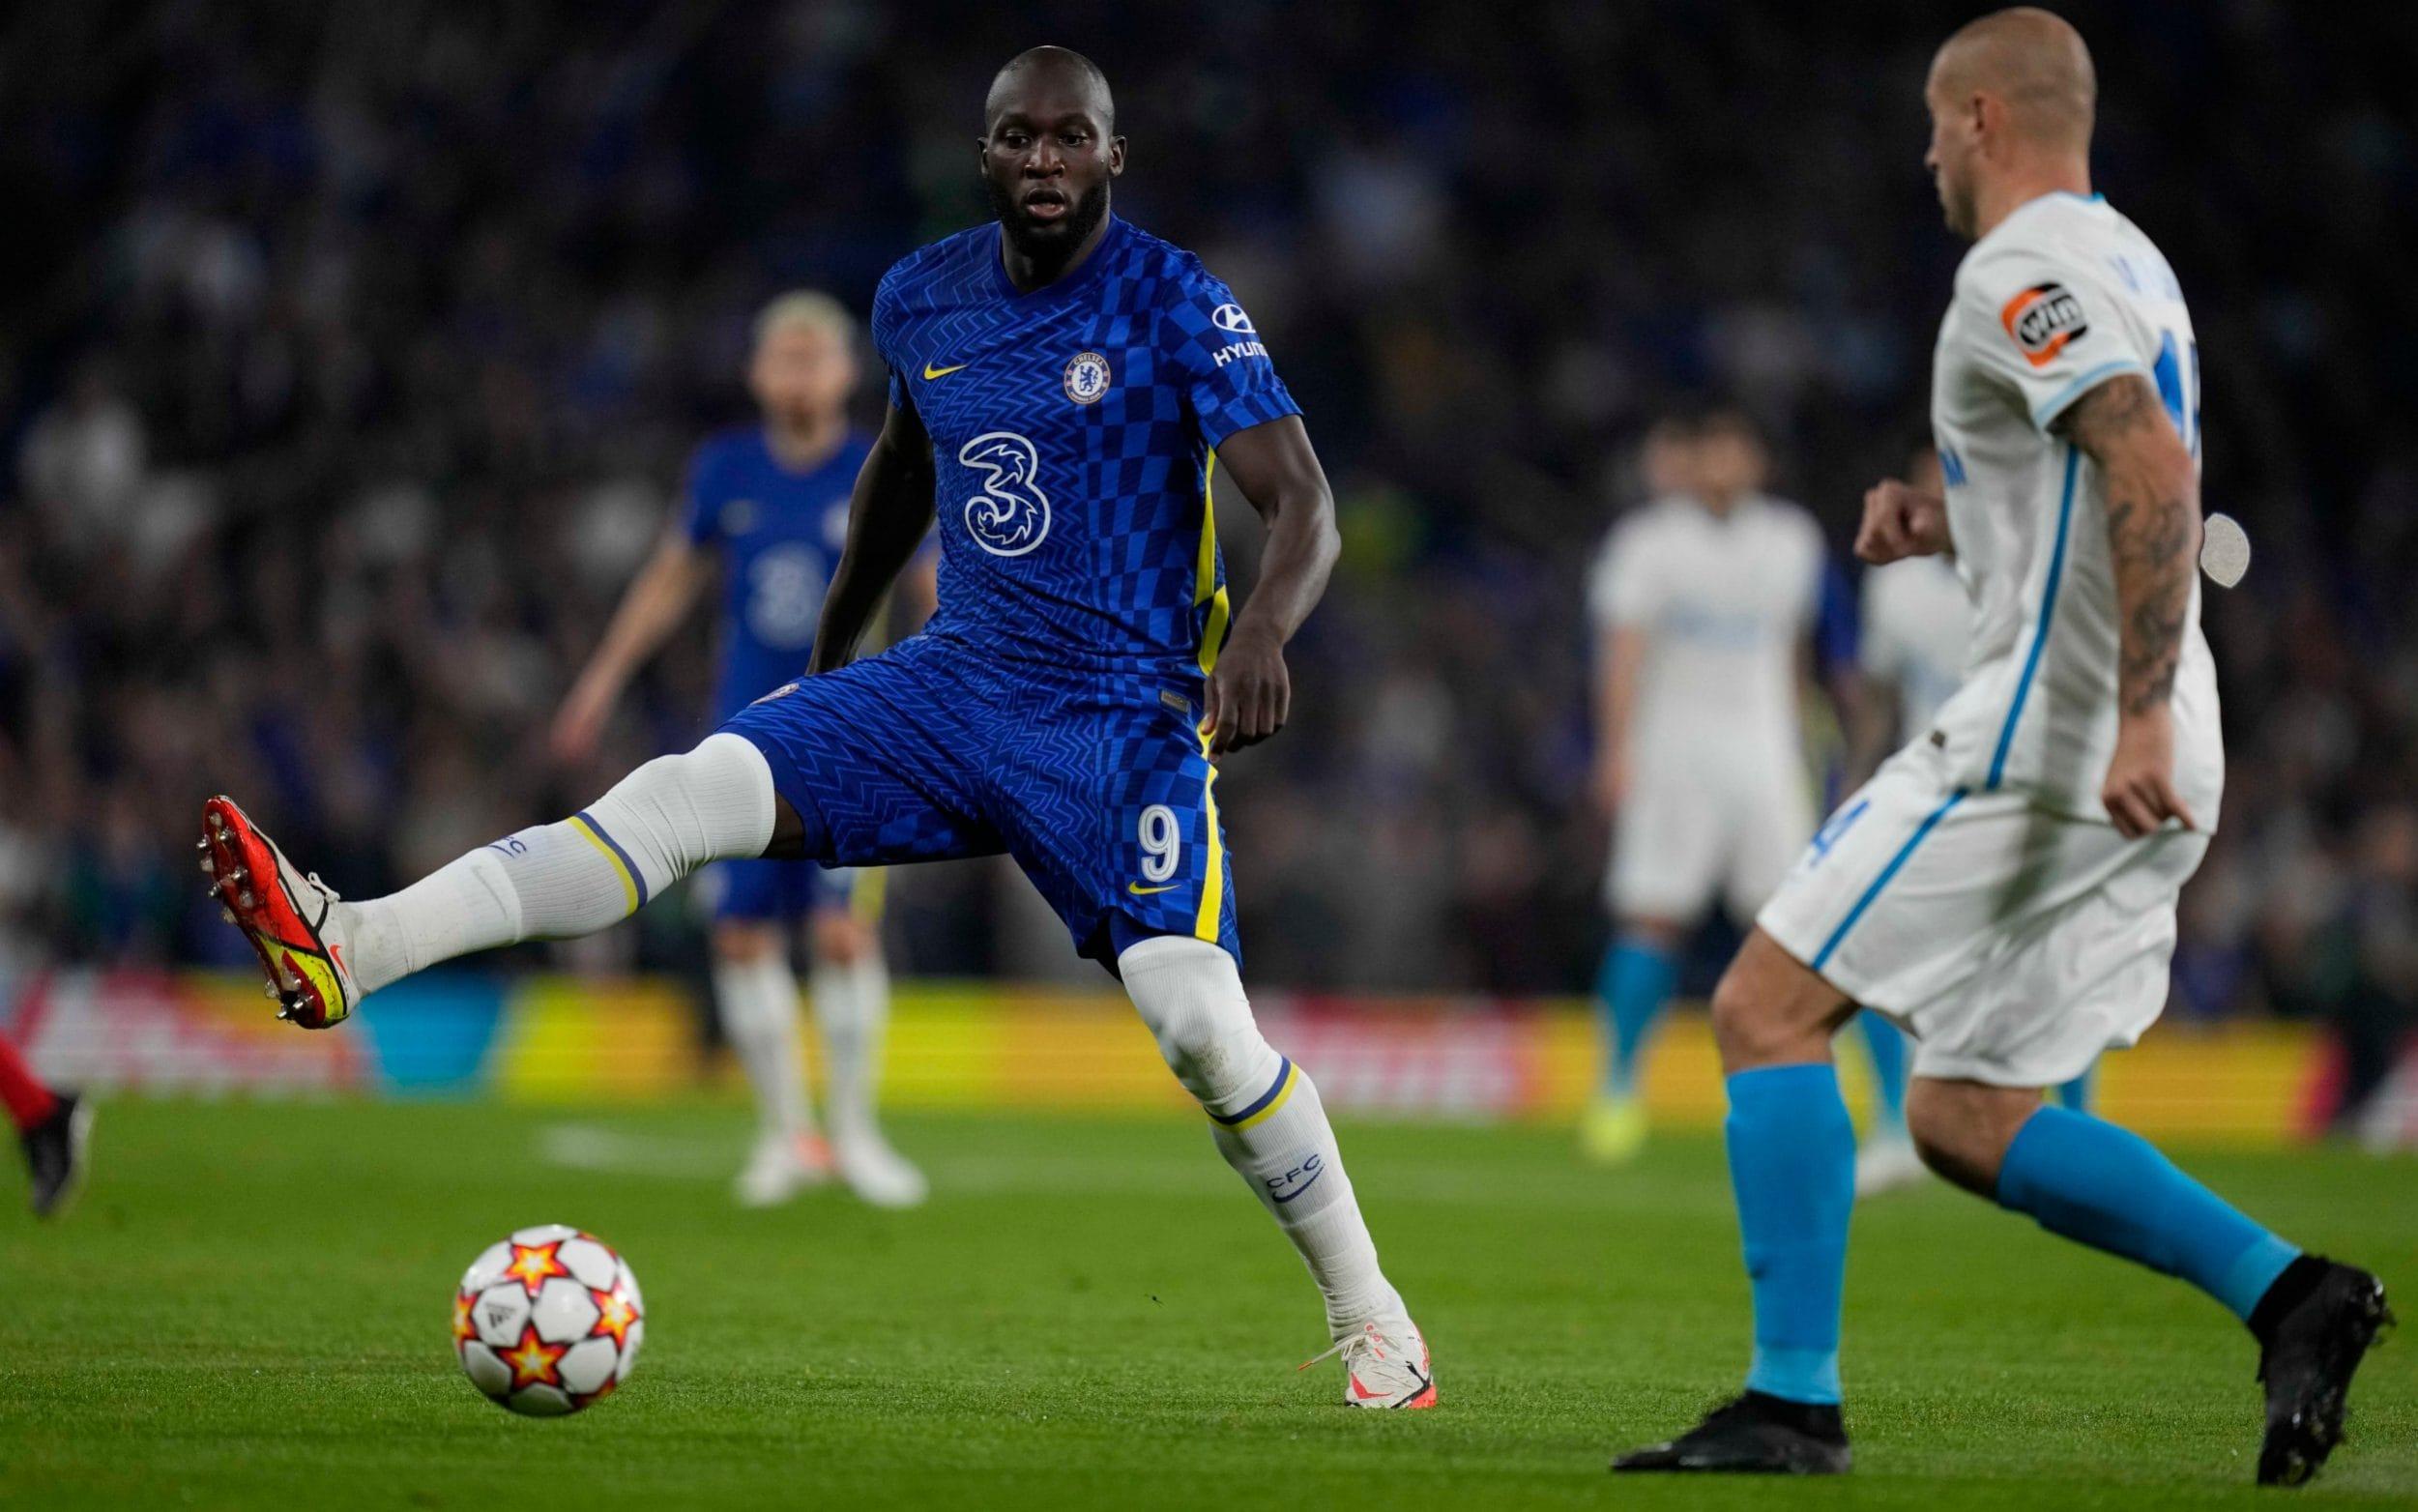 Hiệp 1 trận đấu Chelsea luôn áp đảovề tỷ lệ kiểm soát bóng và thế trận